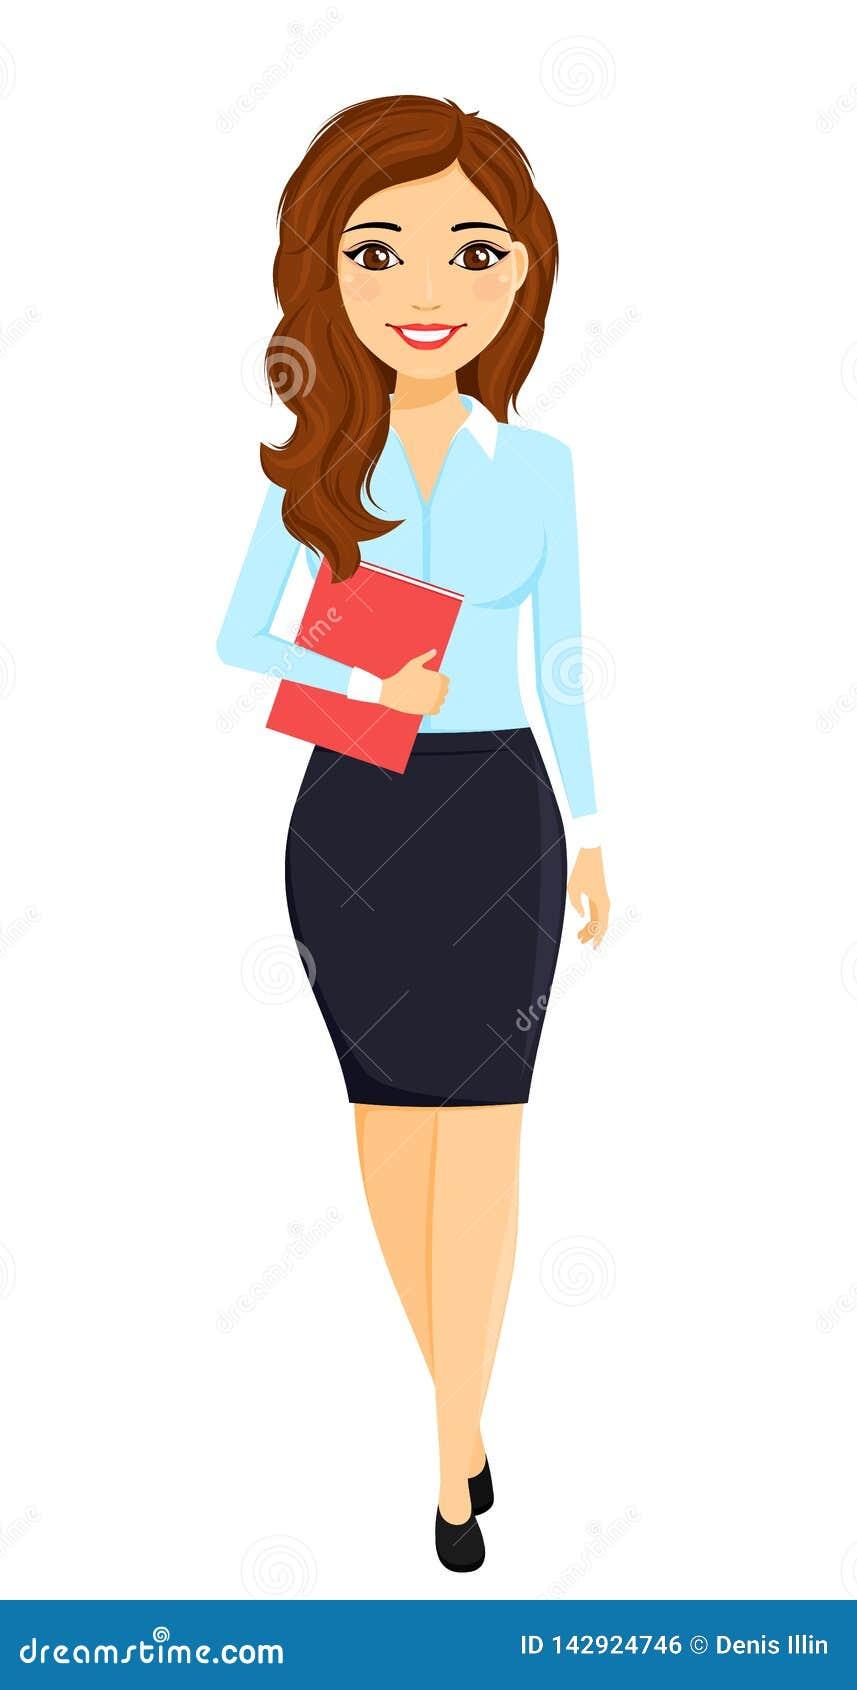 Une jeune fille dans un costume avec un dossier dans sa main Travail de bureau caractère Affaires et finances